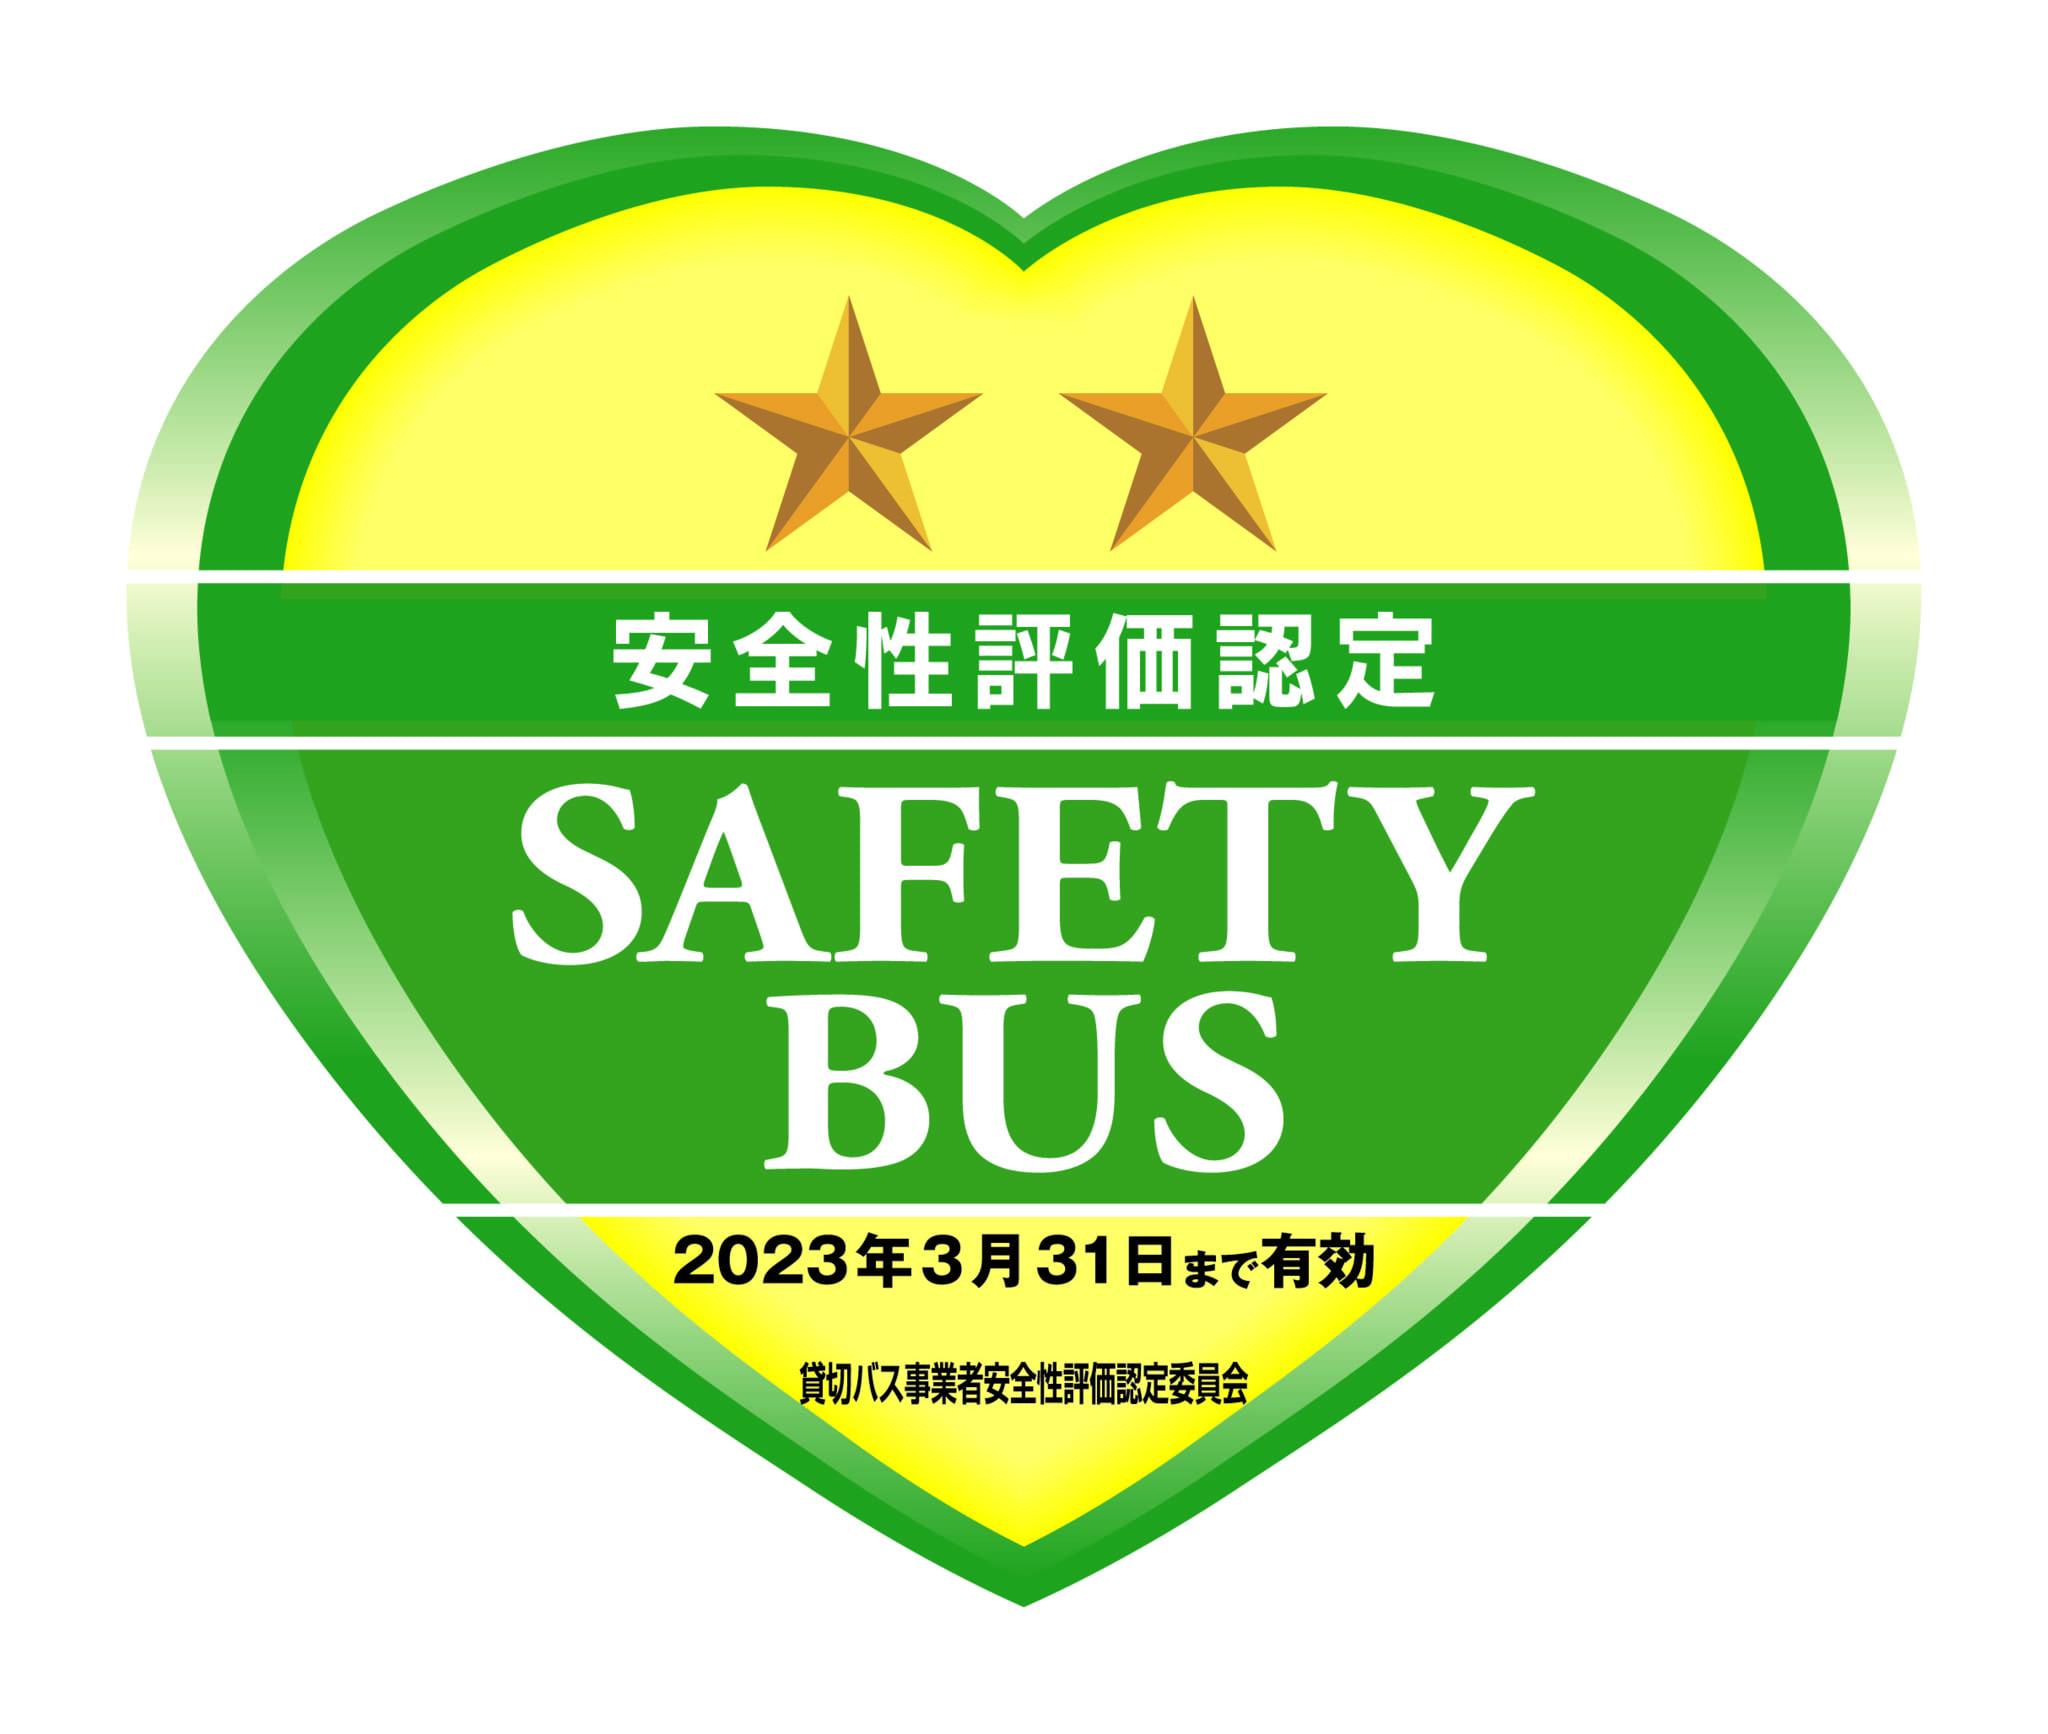 https://chukyo-koutsu.com/files/libs/192/201809190912507146.jpg